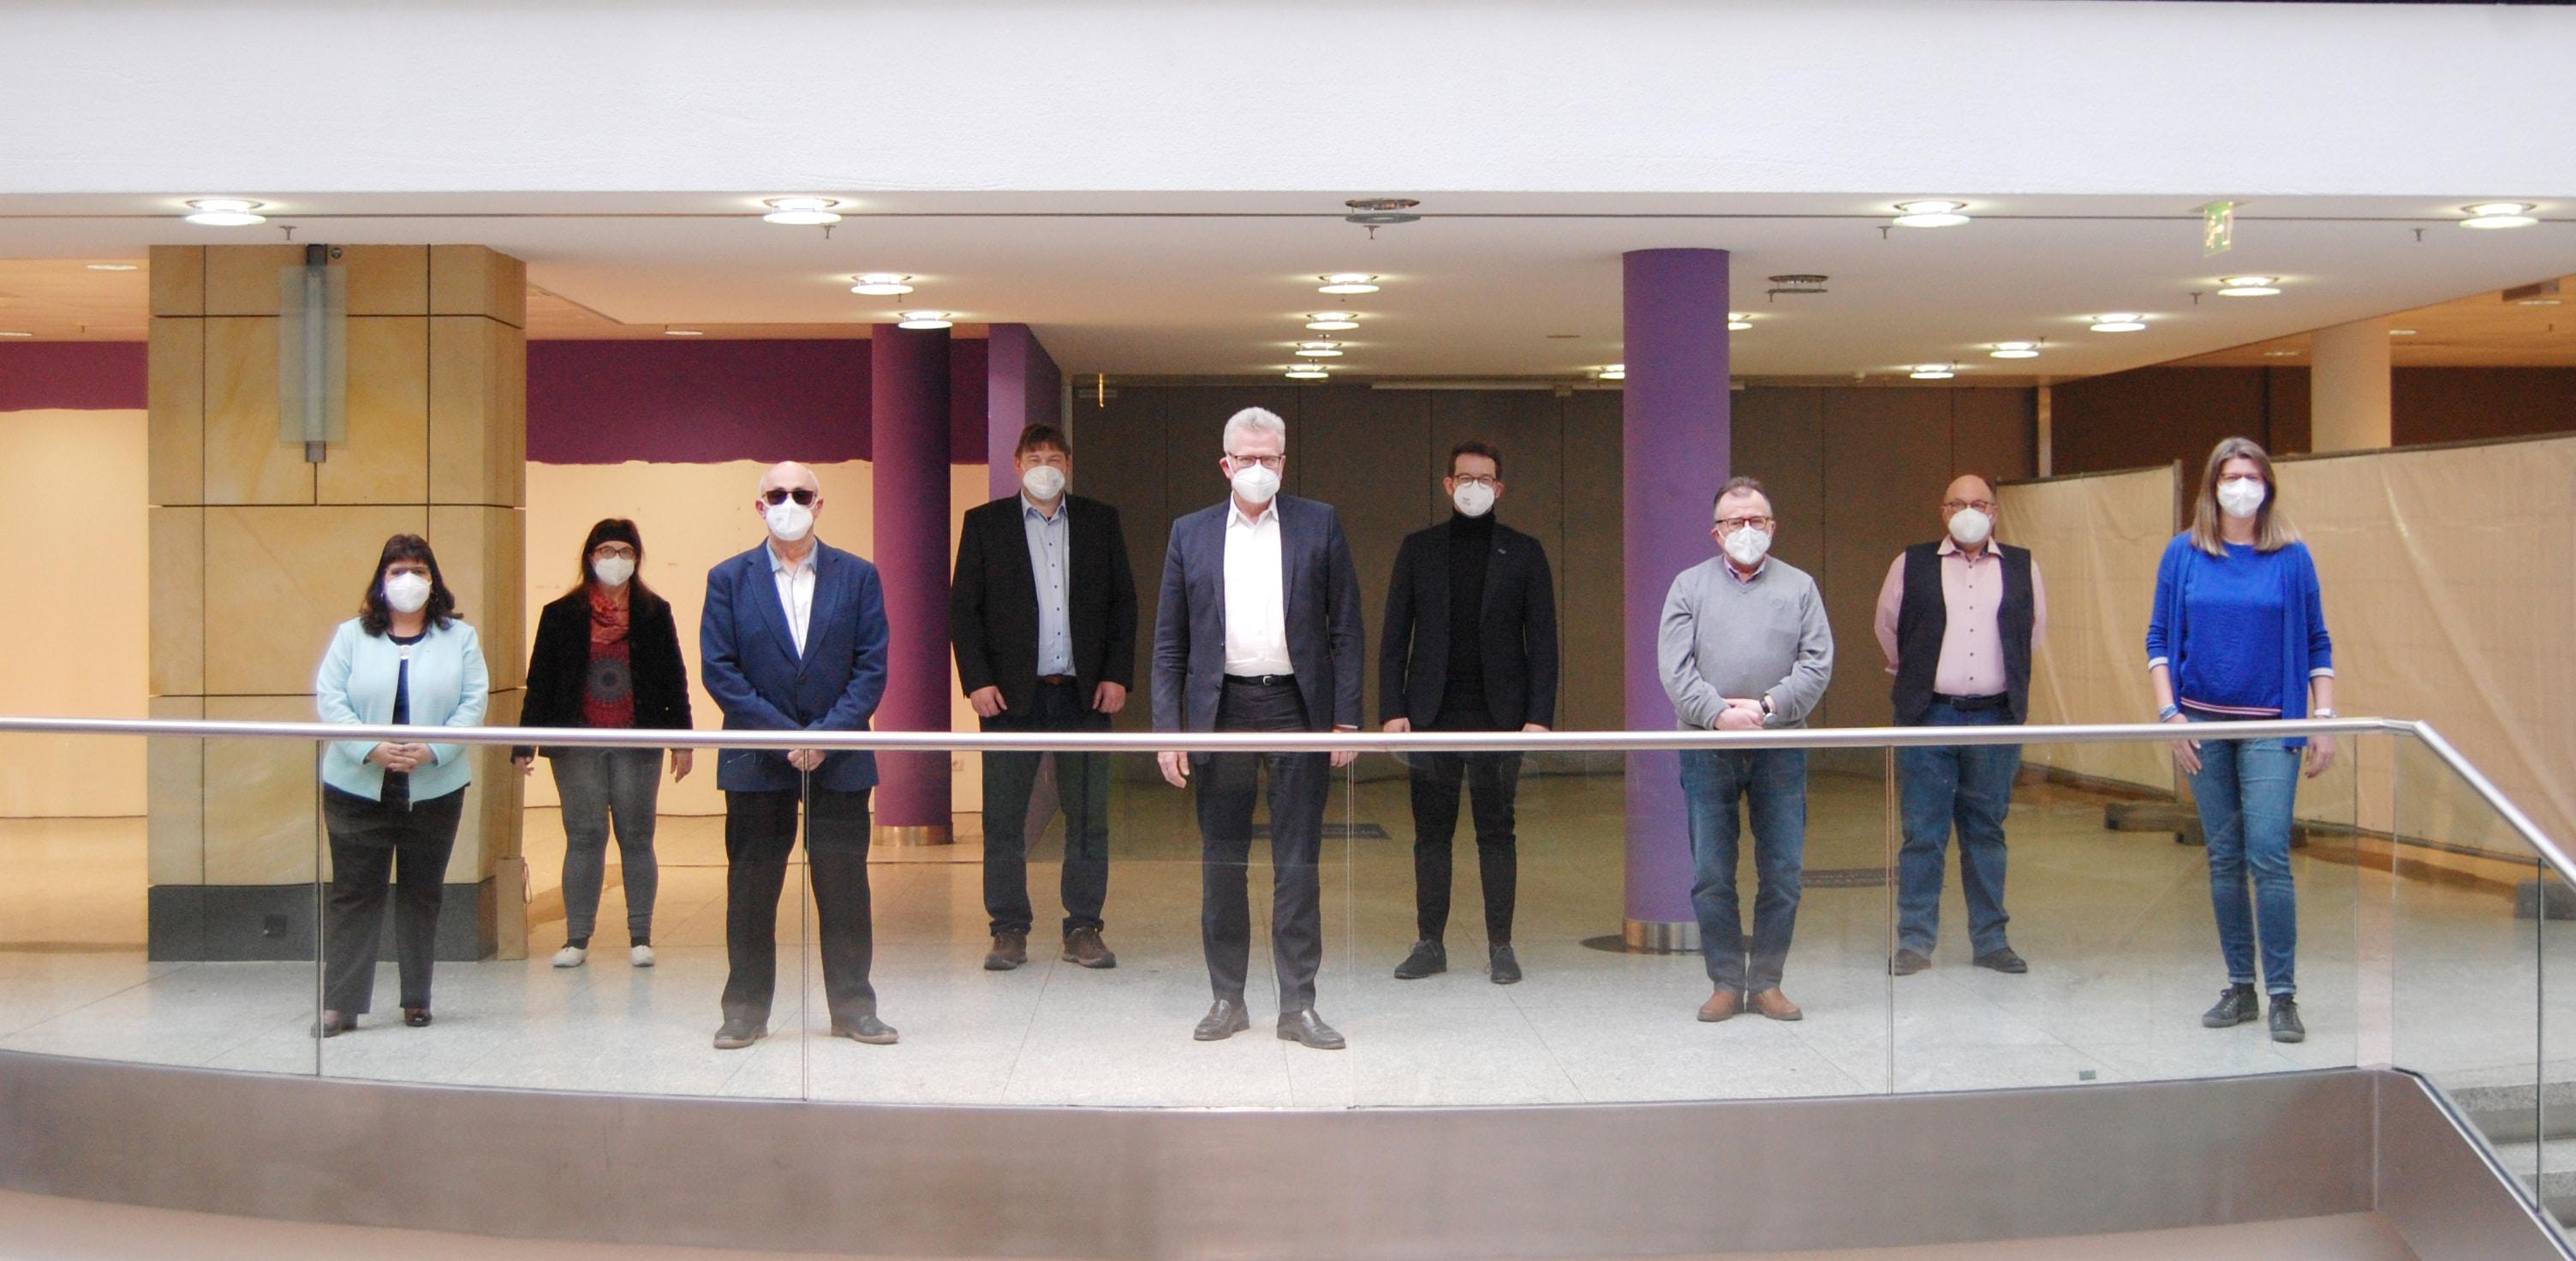 Das Foto zeigt von links: Dolores Longares-Bäumler, Bettina Wurzel (Behindertenbeauftragte), Reinhold Richter, Axel Höhmann, Thomas Ebersberger (Oberbürgermeister), Andreas Zippel (2. Bürgermeister), Roland Reiß, Thomas Odewald und Heidi Tschauner.